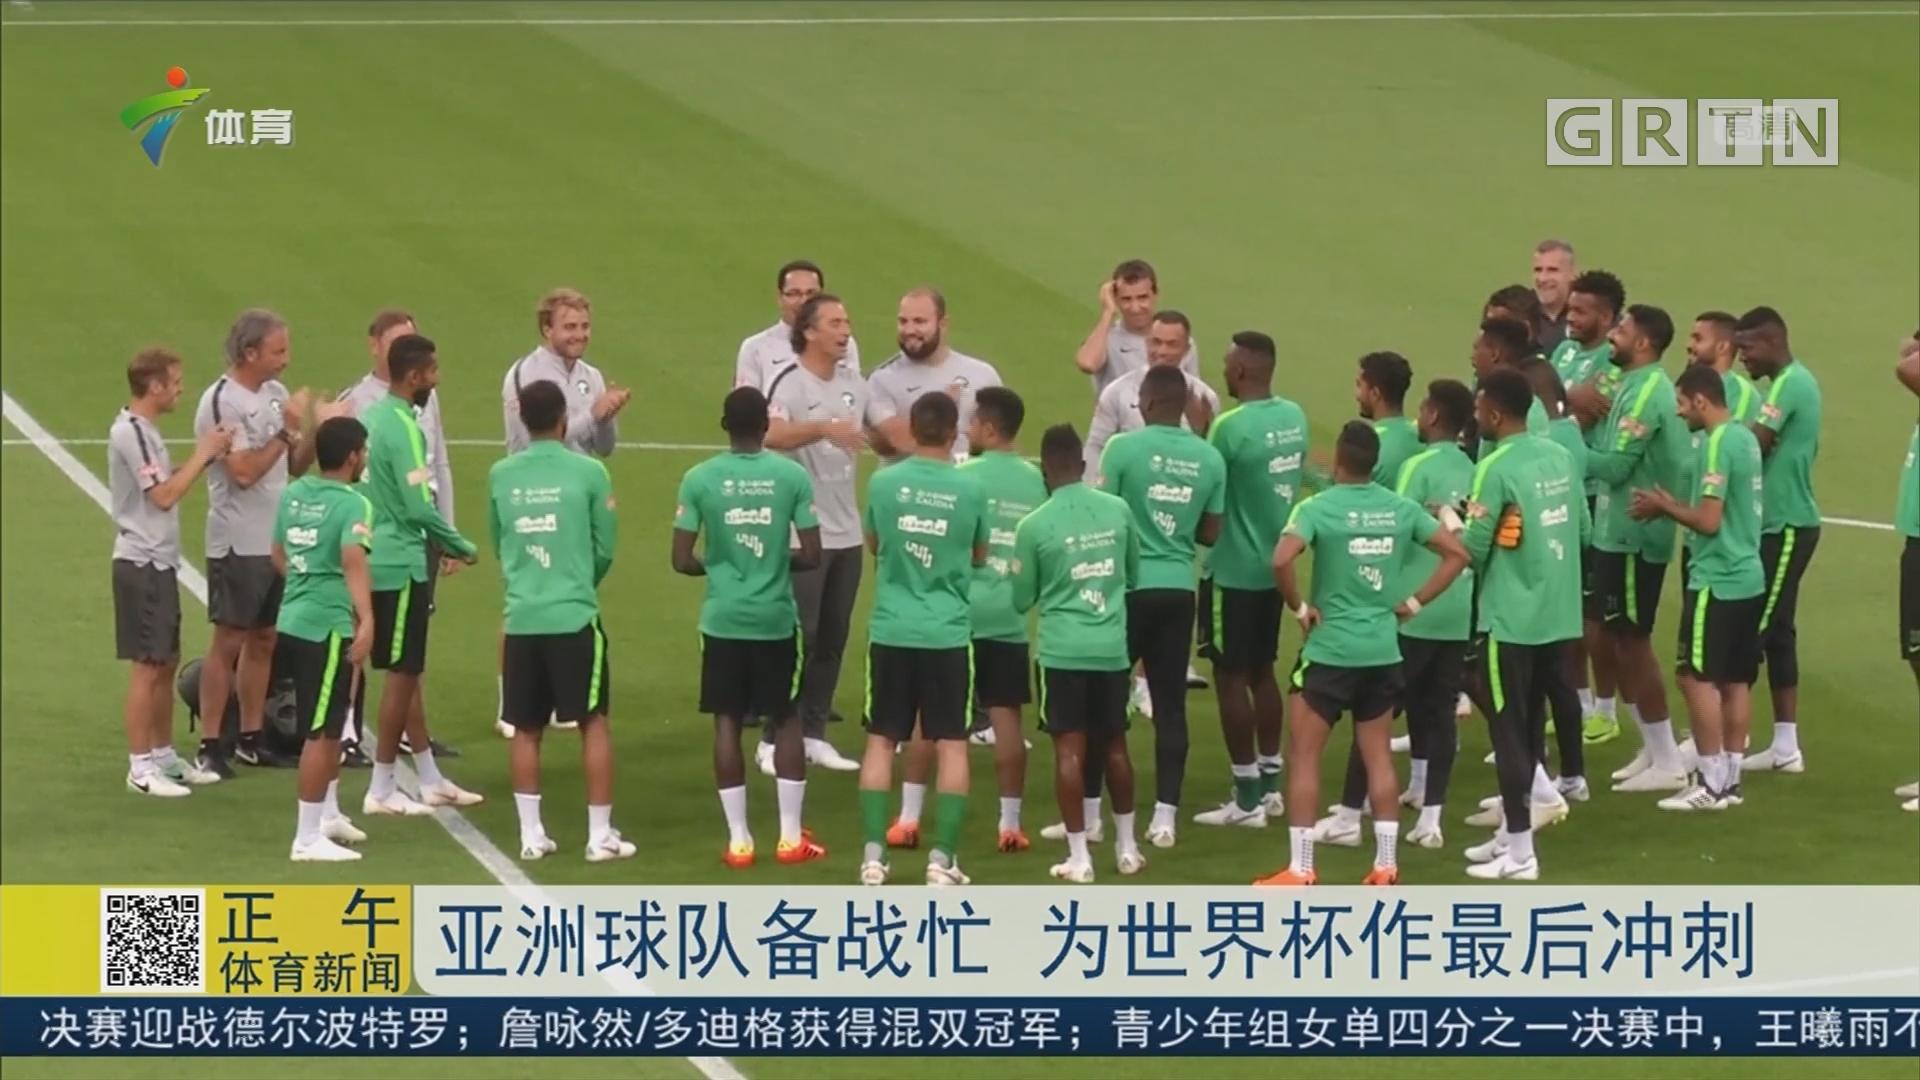 亚洲球队备战忙 为世界杯作最后冲刺